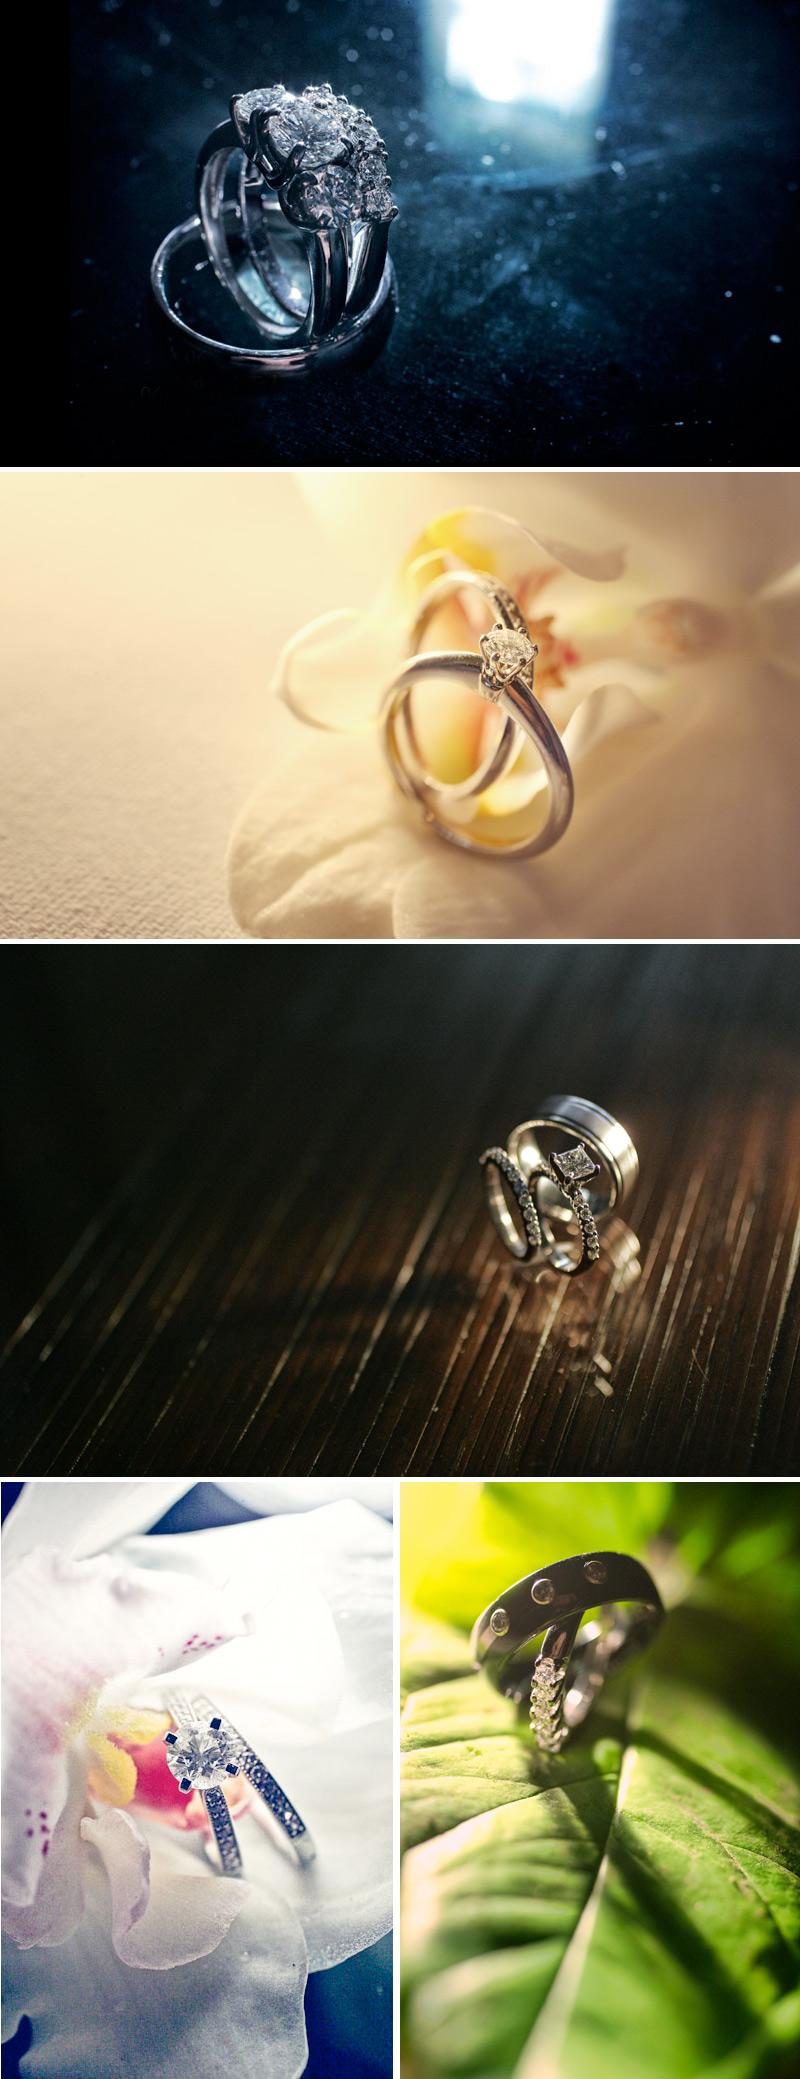 Shawn Starr : Modern Wedding Photography : Pittsburgh Wedding Photographer : Wedding Rings